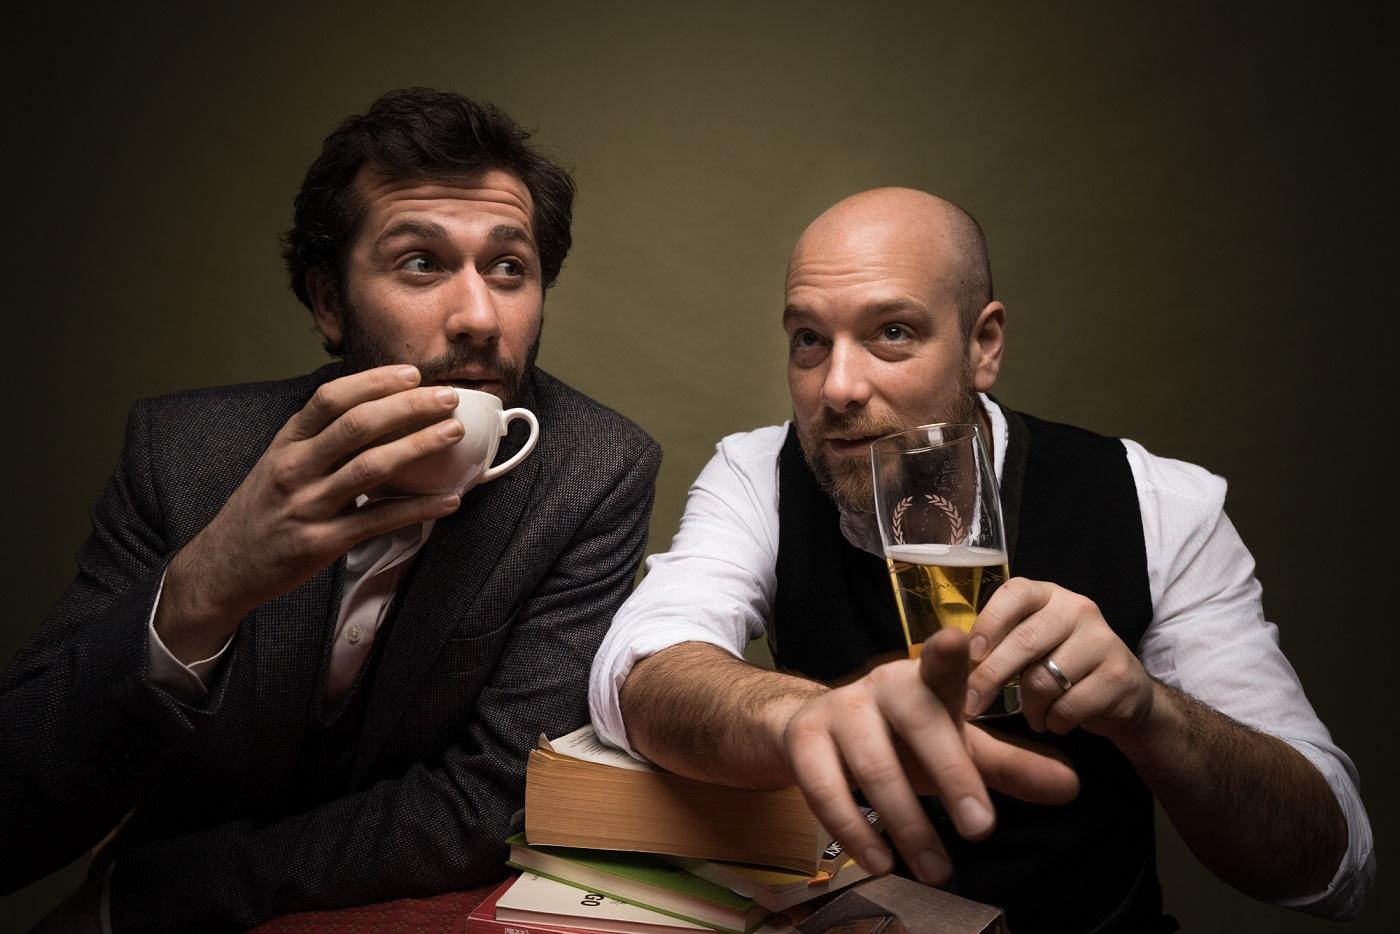 Kaffee und Bier